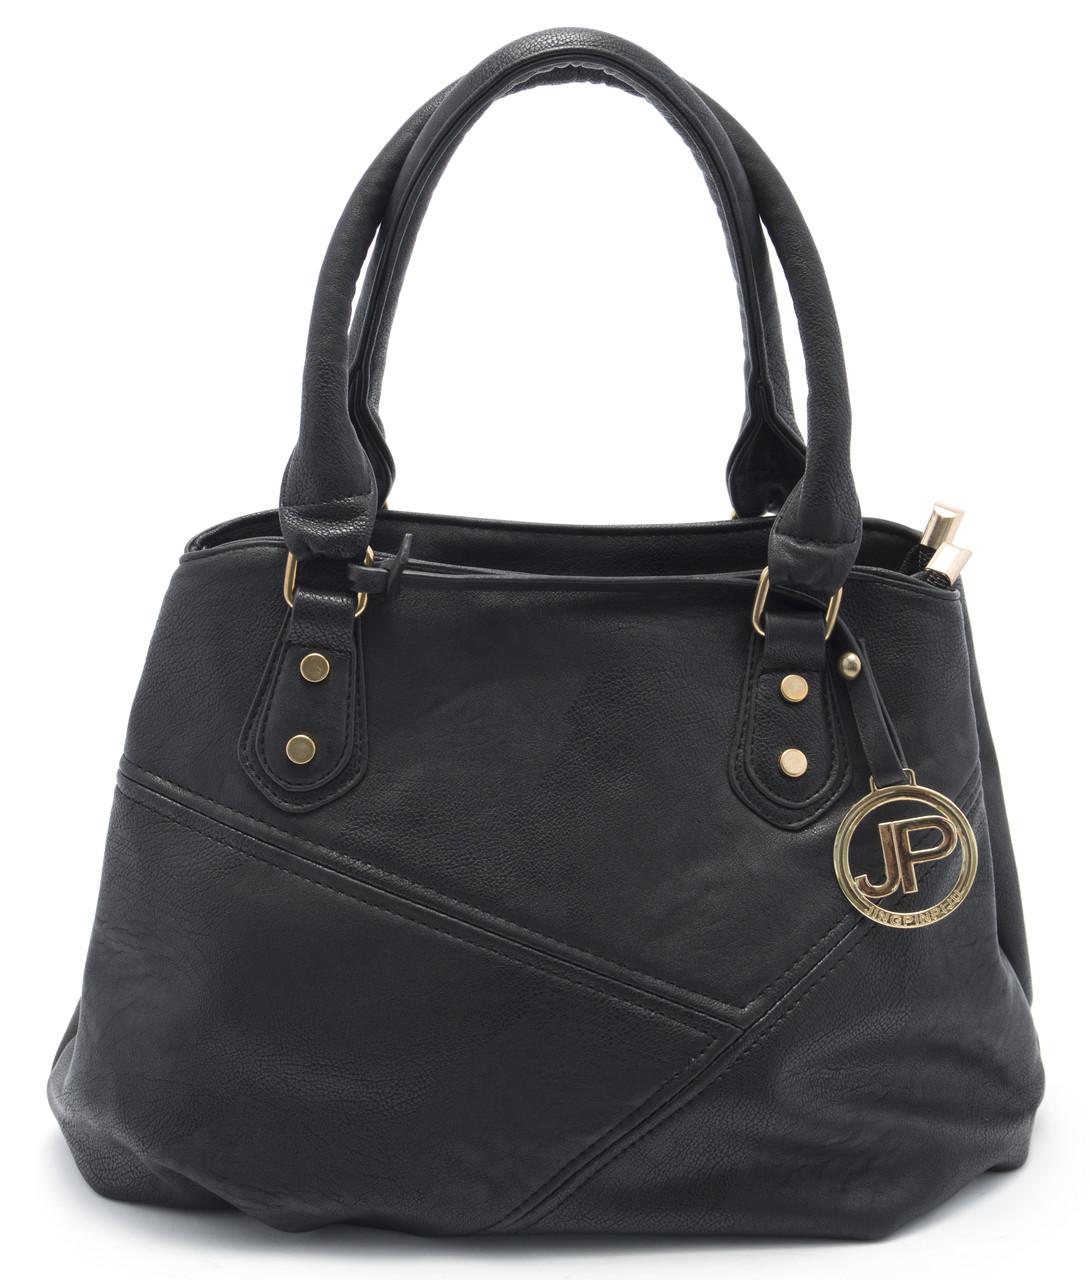 Аккуратная небольшая женская сумочка Б/Н art. 7282 черный цвет